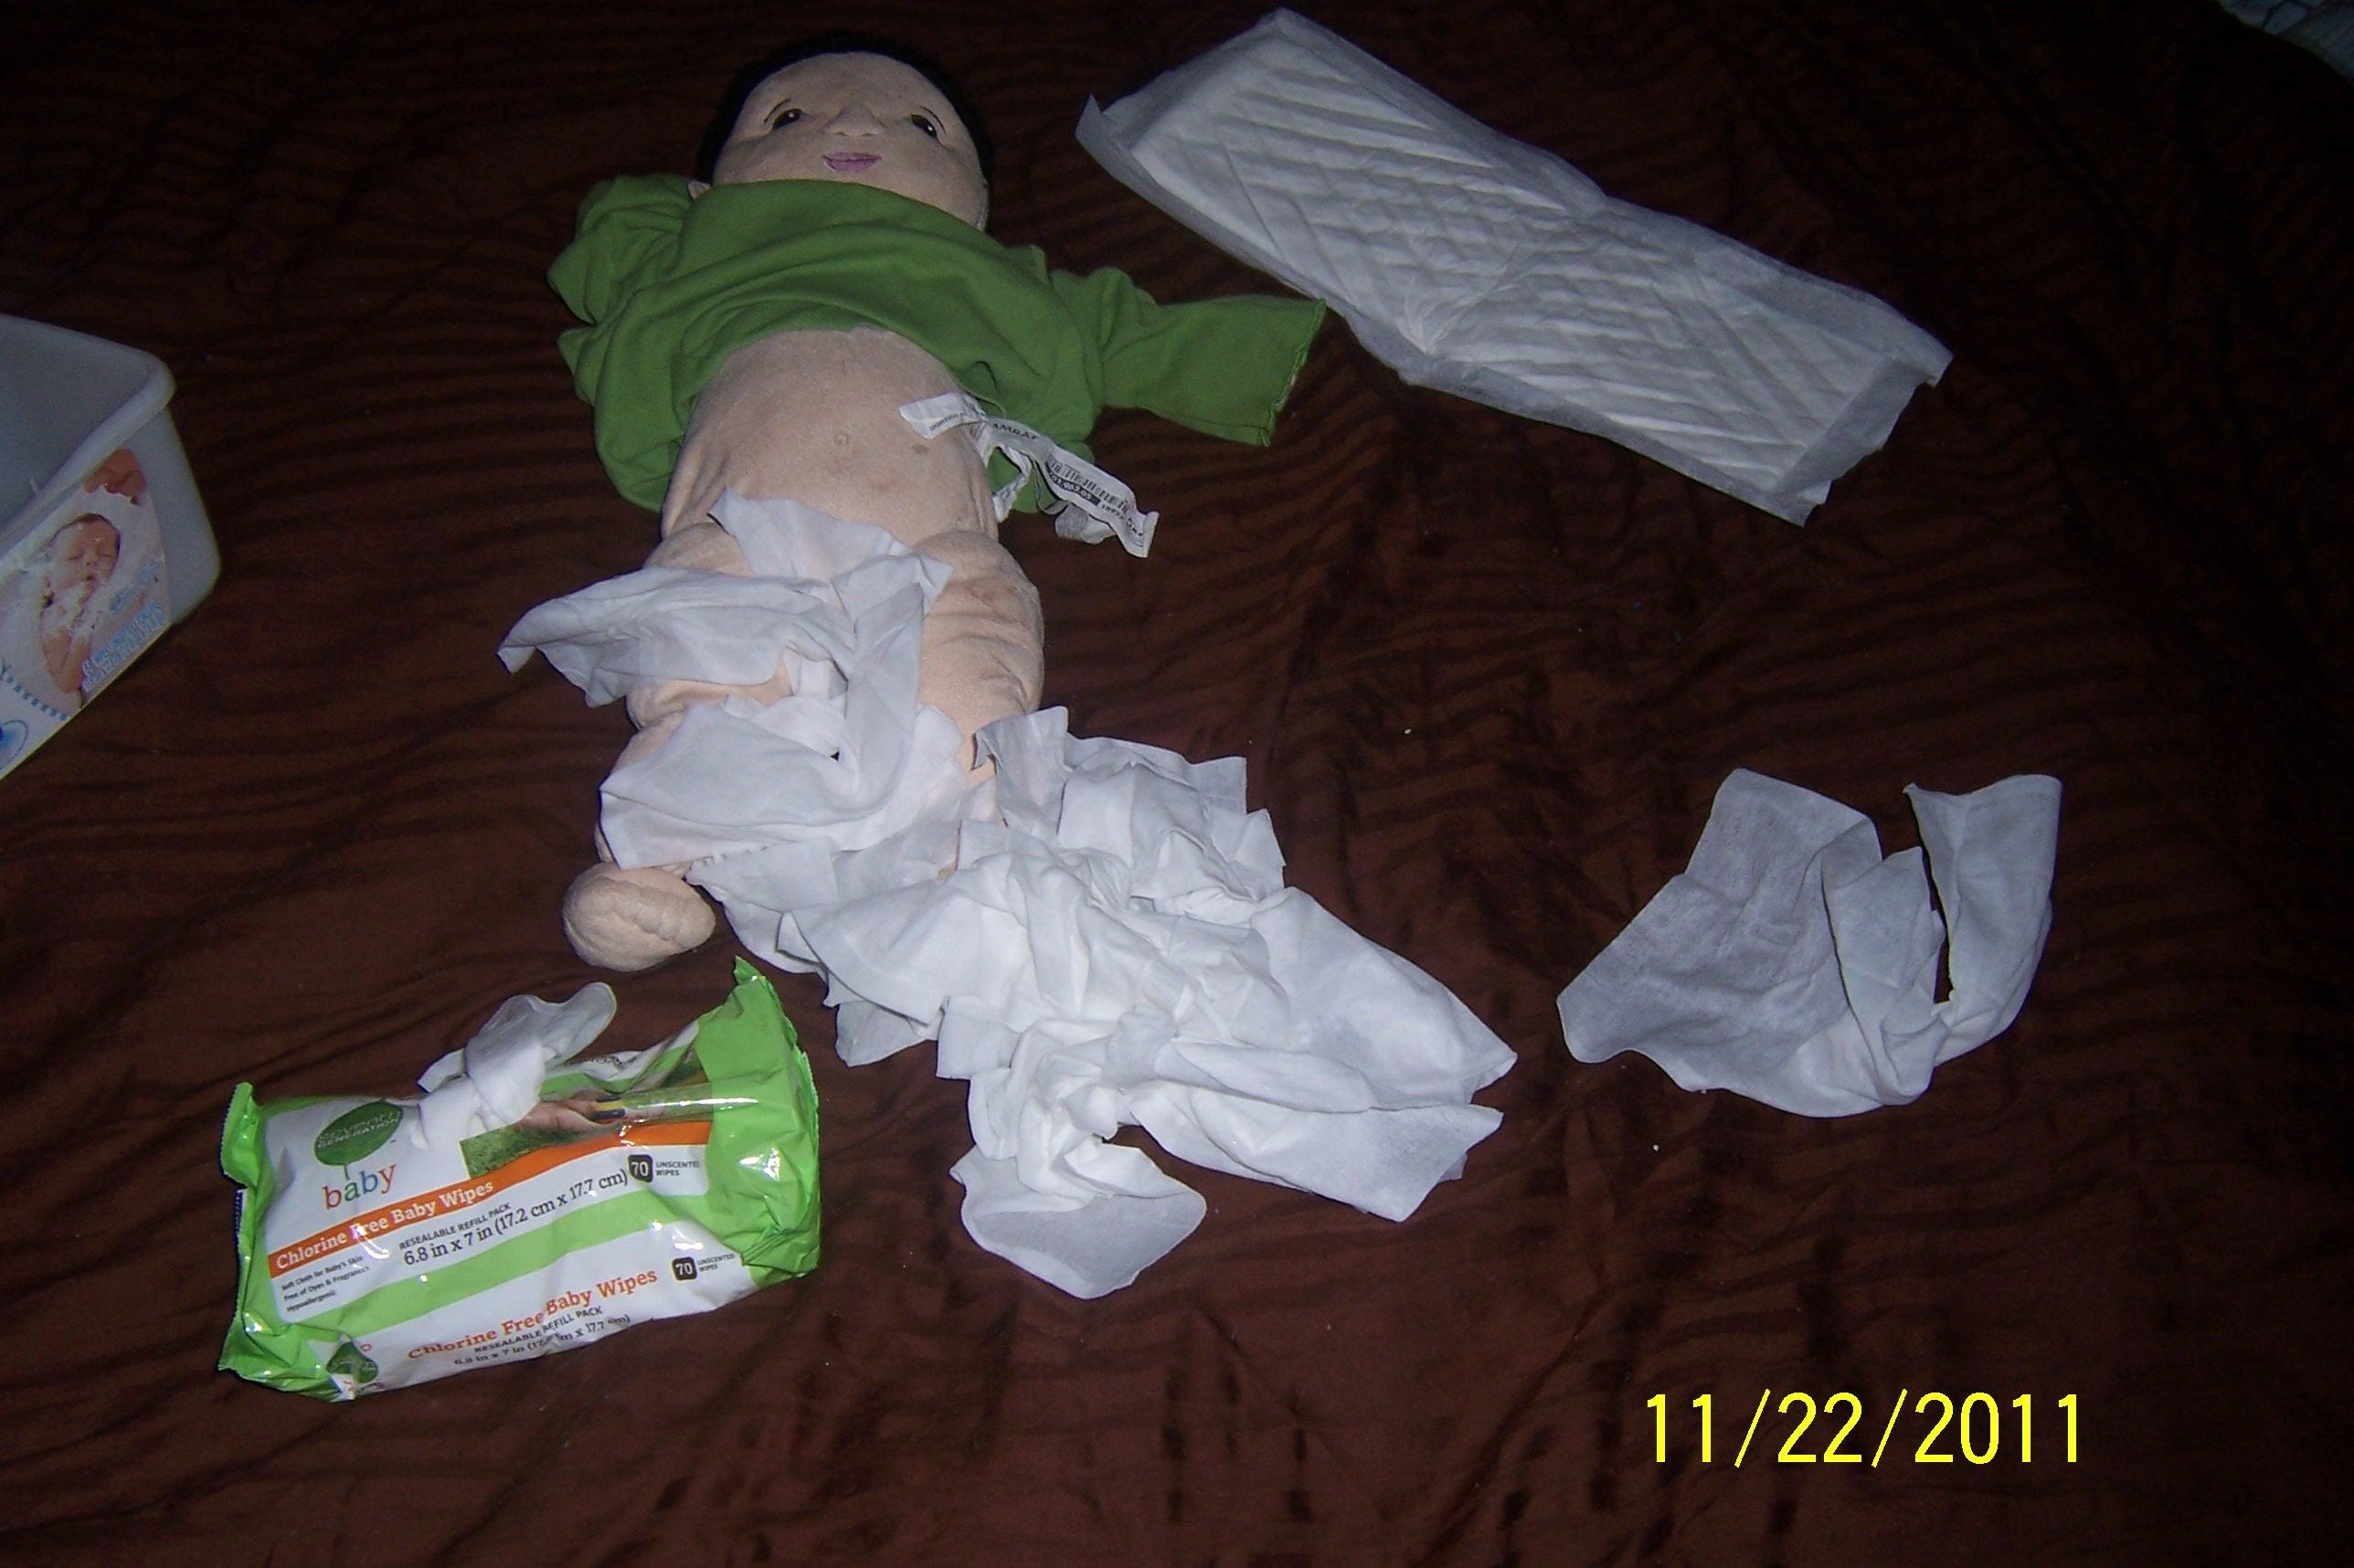 baby's diaper change